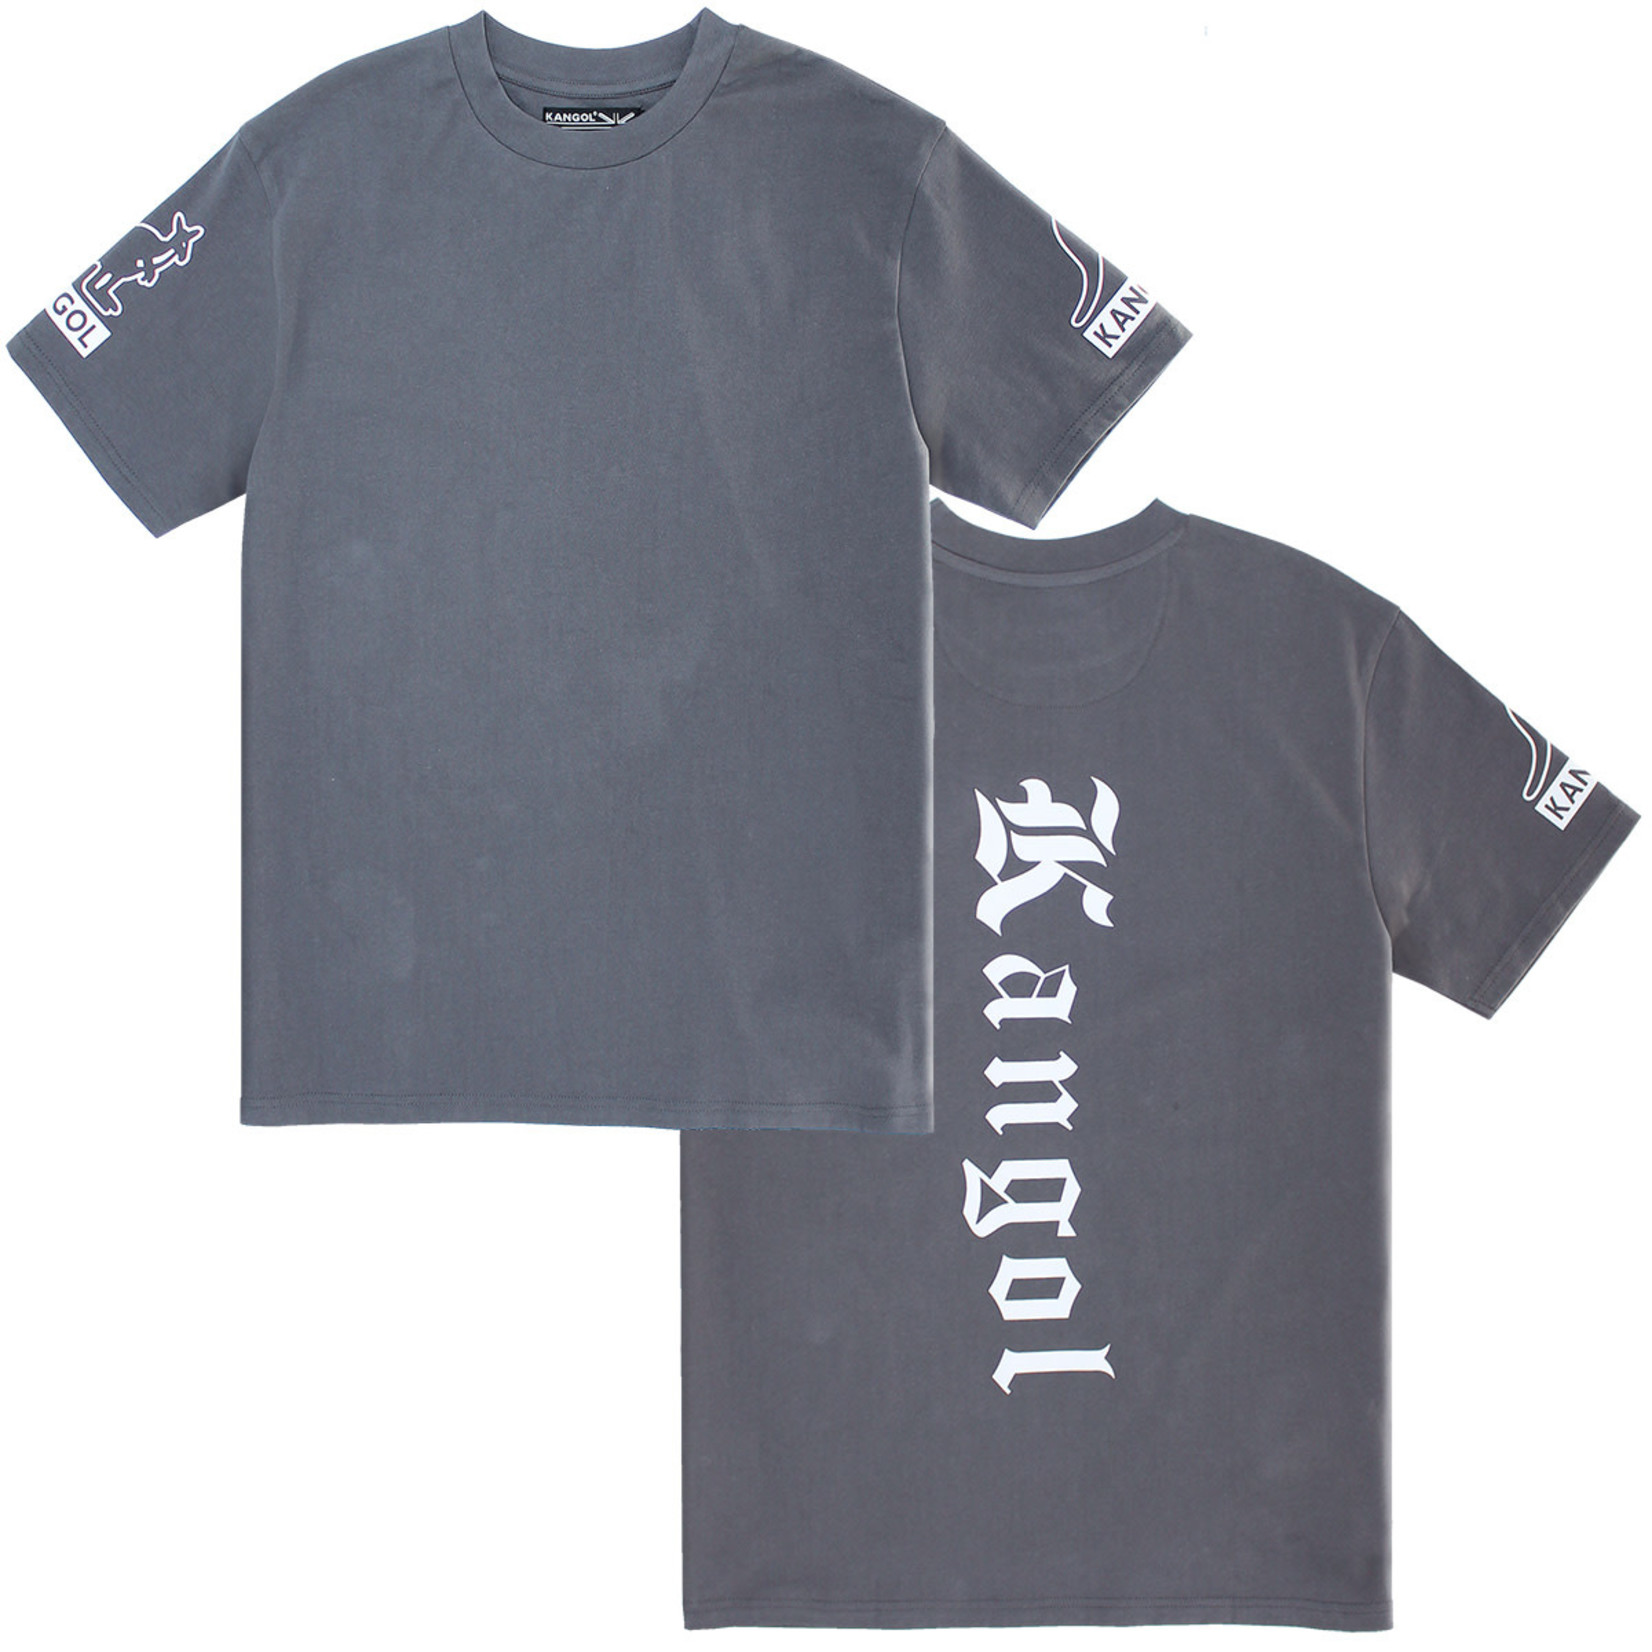 Kangol Kangol : Gothic Back Logo Tee